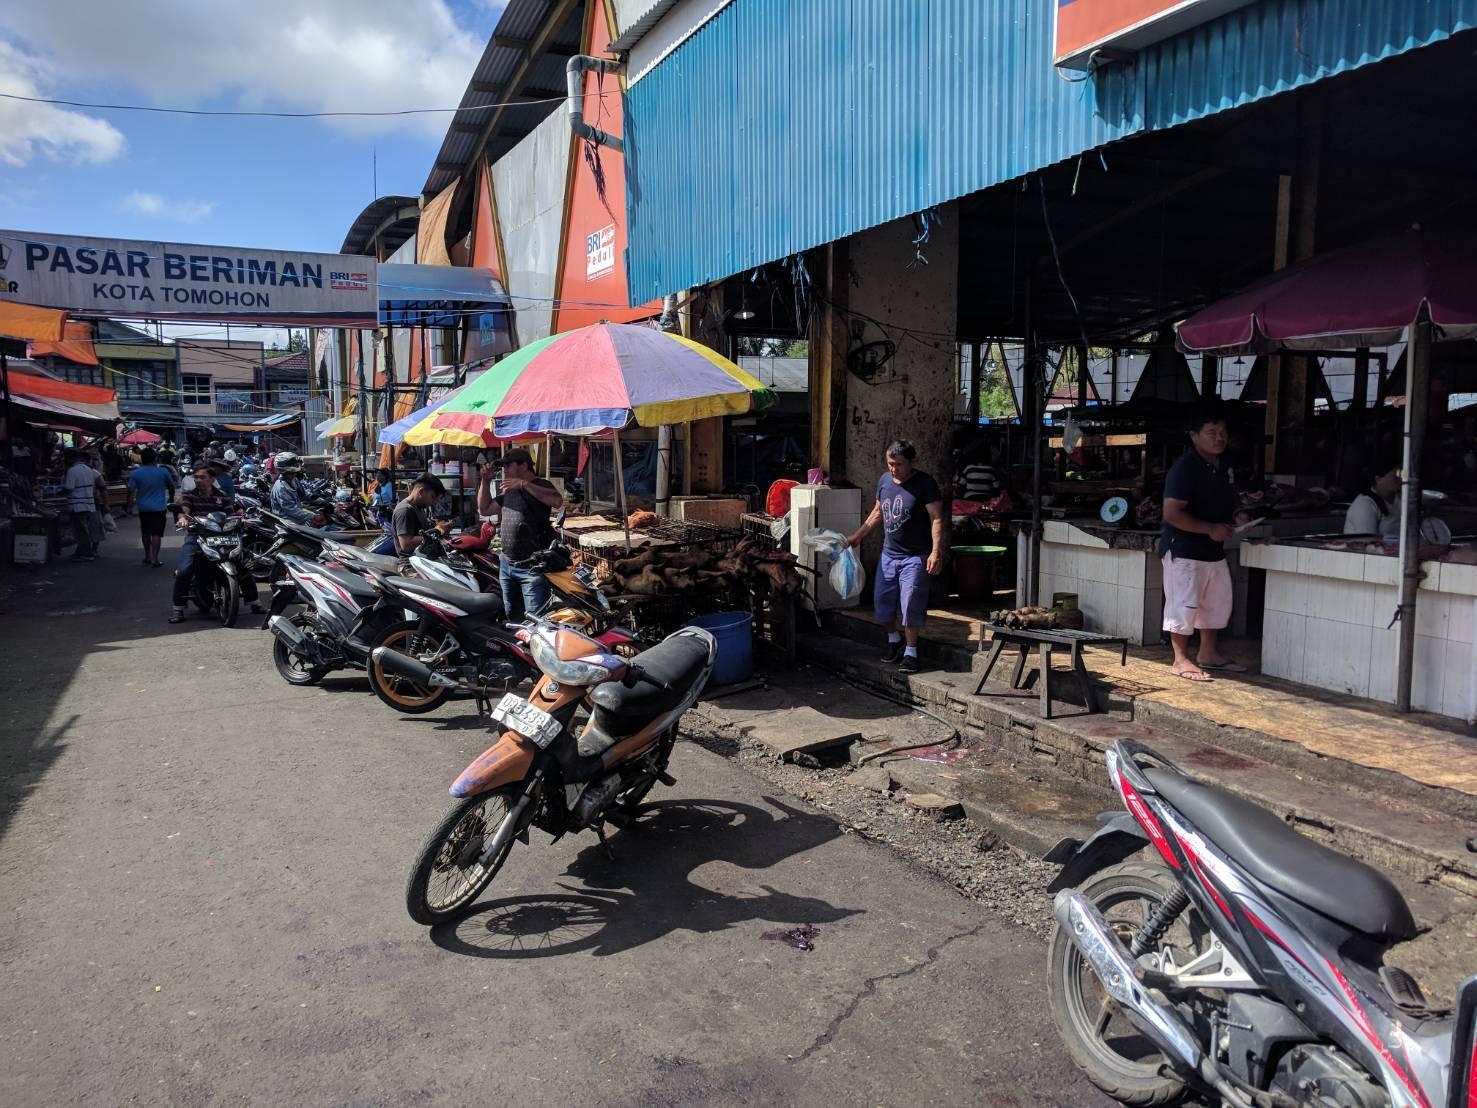 Manado Sulawesi採集紀行 その2_a0067578_17051458.jpg